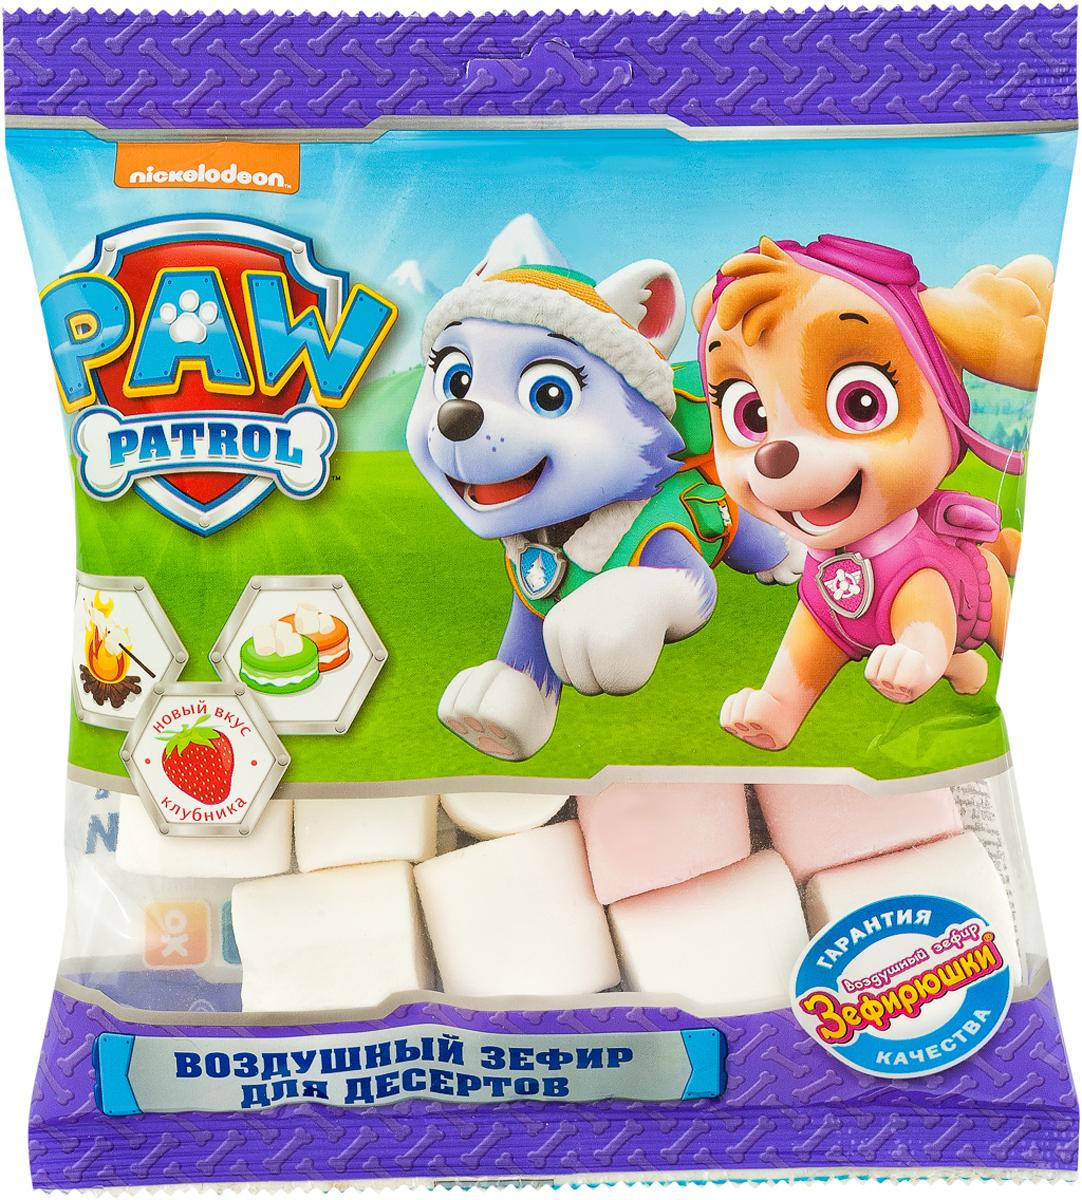 Paw Patrol воздушный зефир для десертов, 80 г paw patrol шоколадные медали 21 г по 24 шт